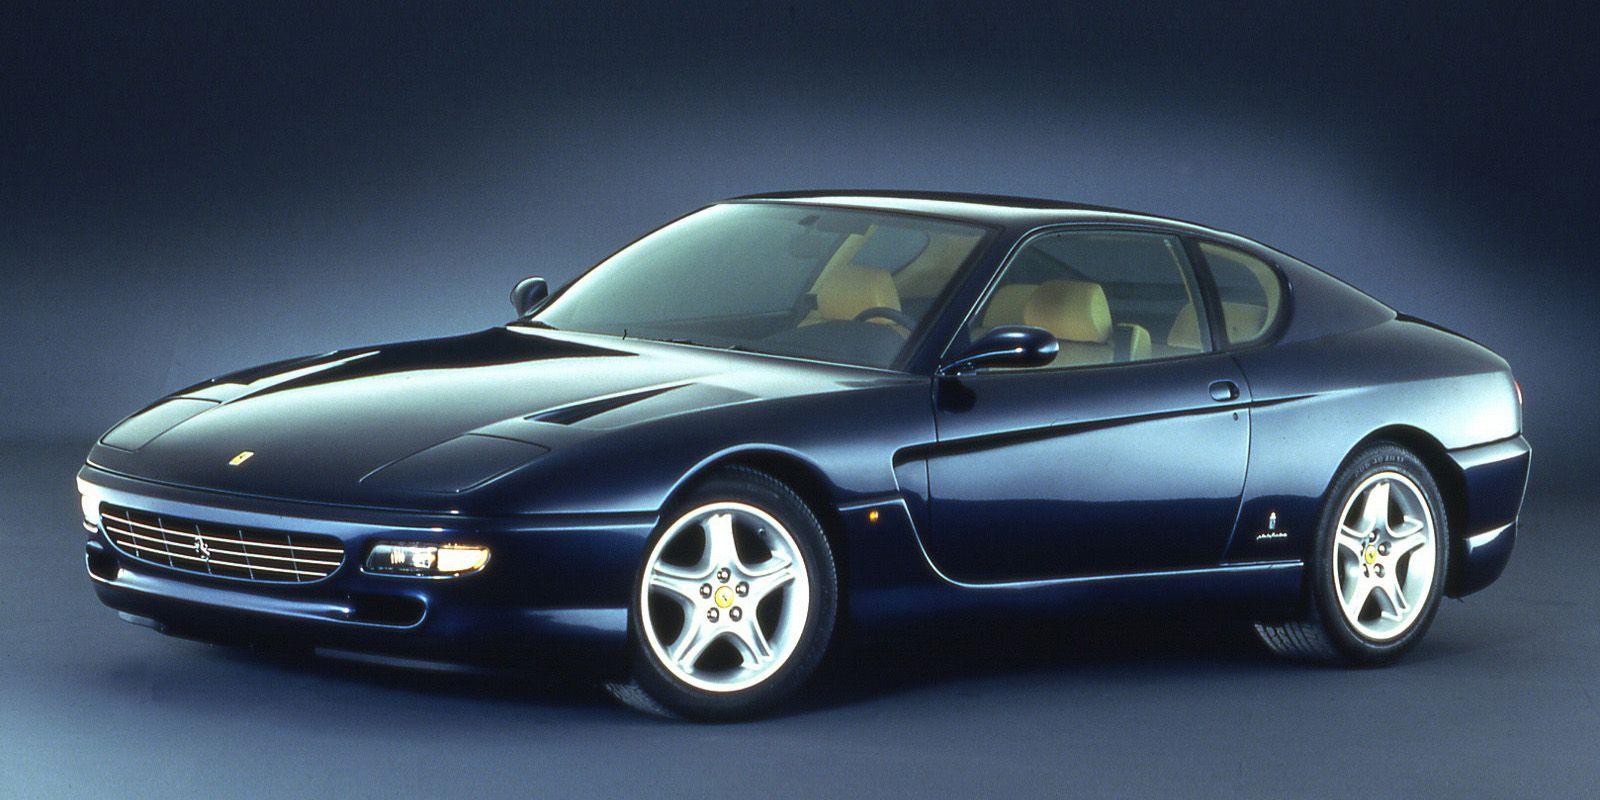 Ferrari front engine